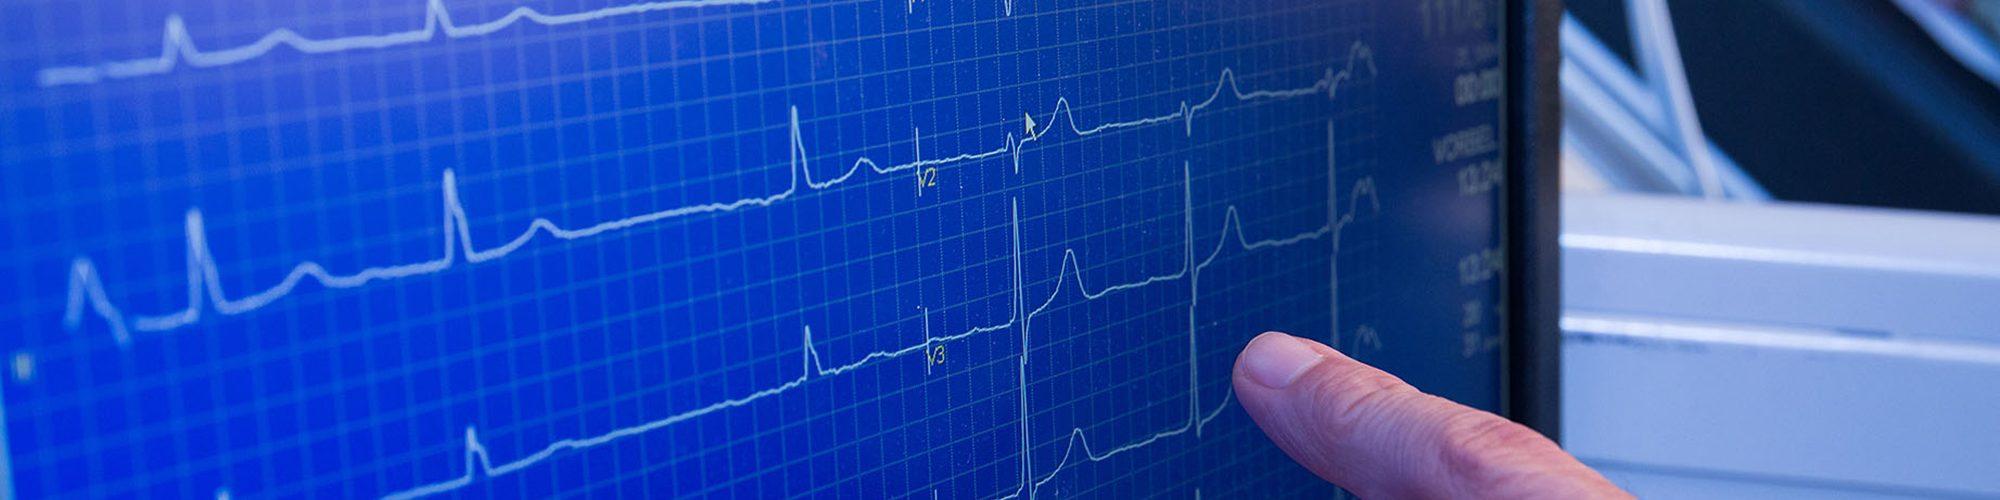 Monitor zeigt EKG an